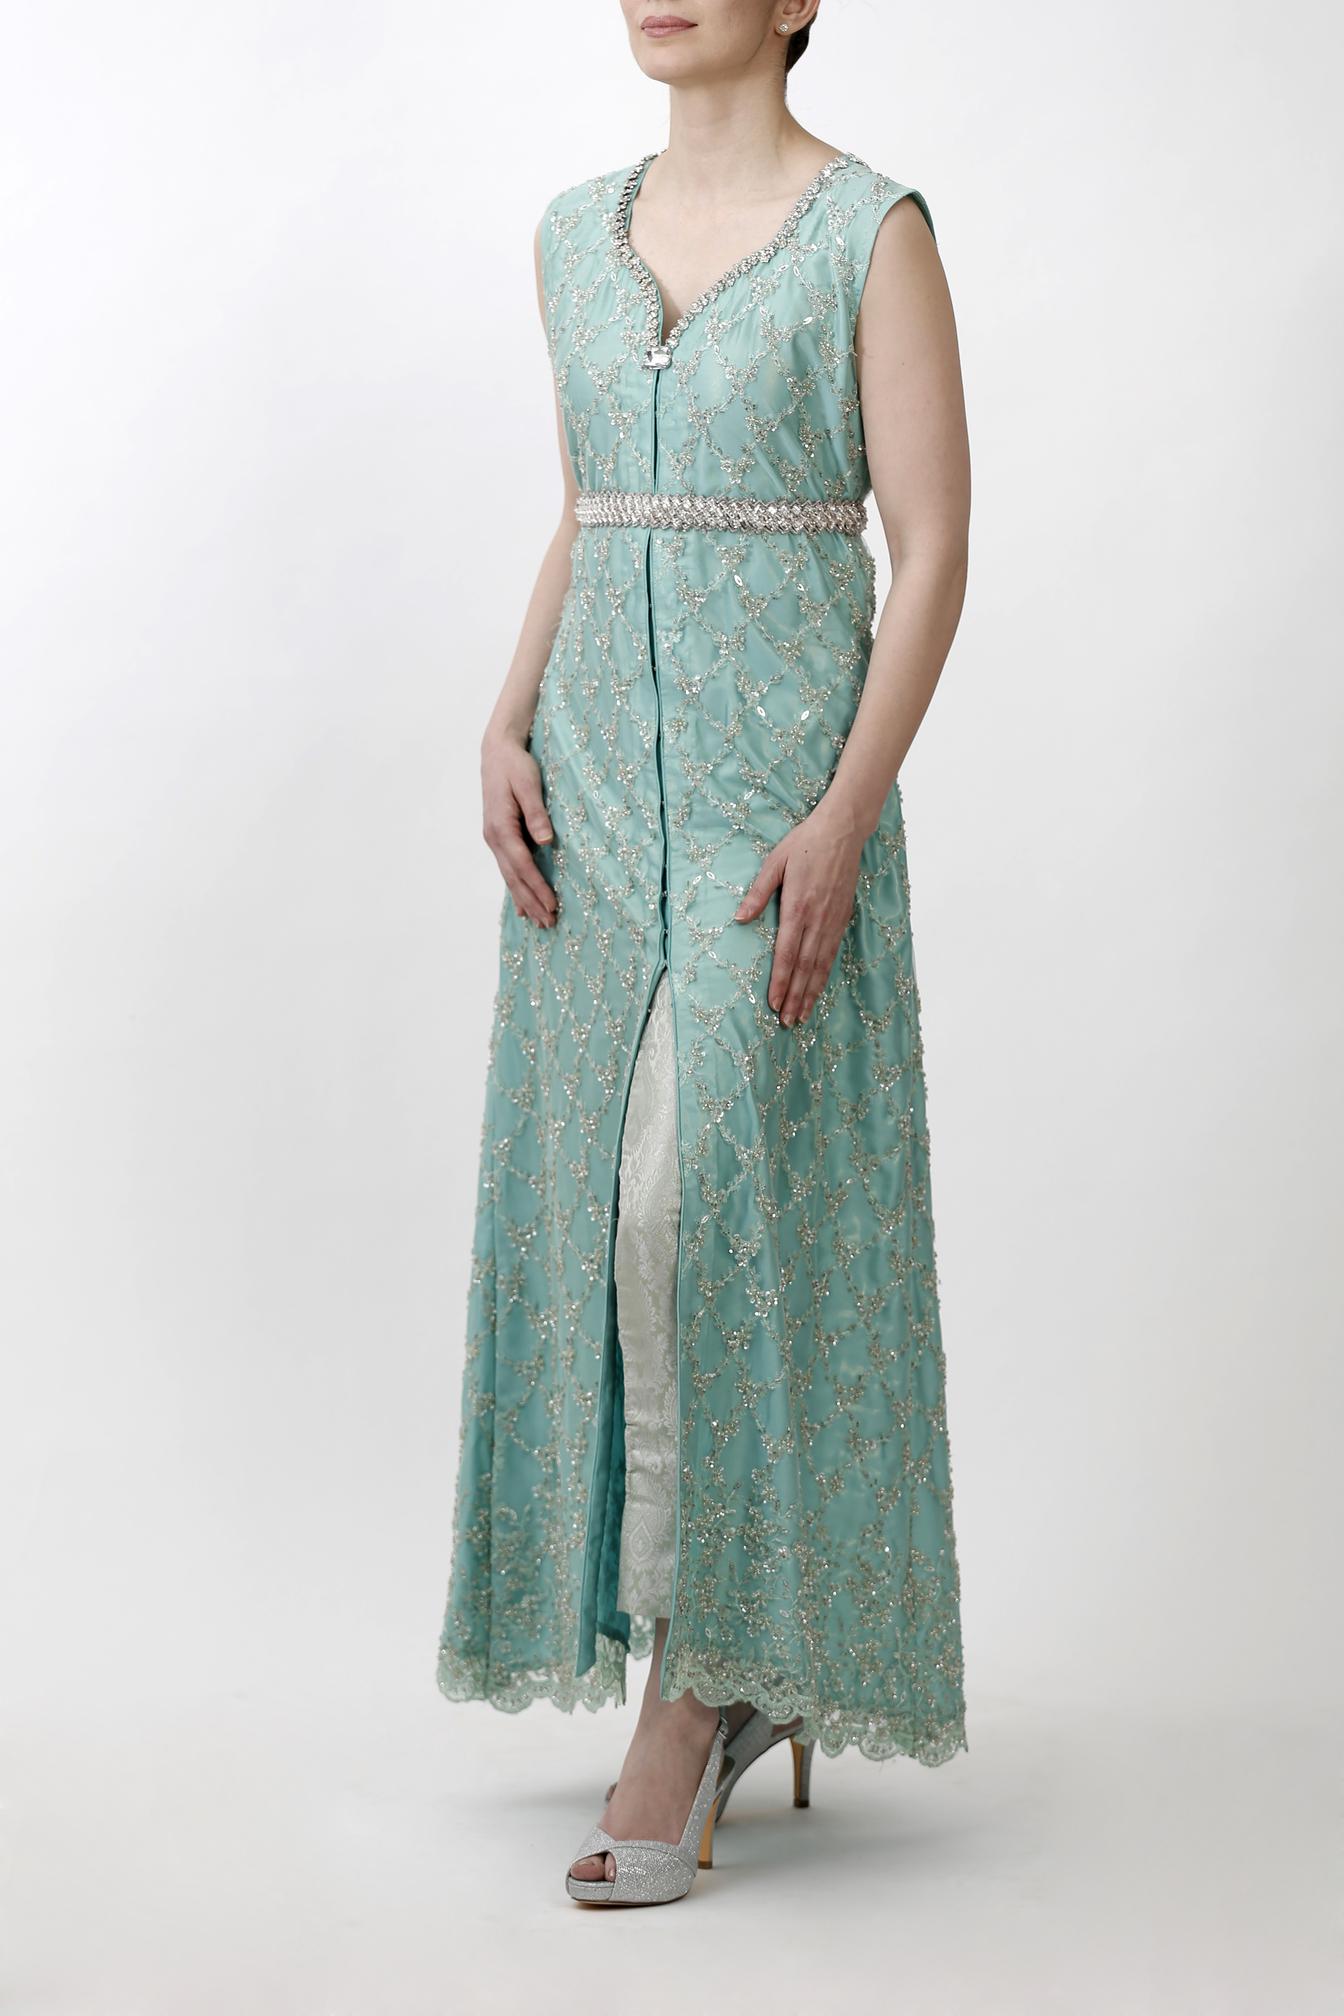 110 turquoise coat 1344x2016